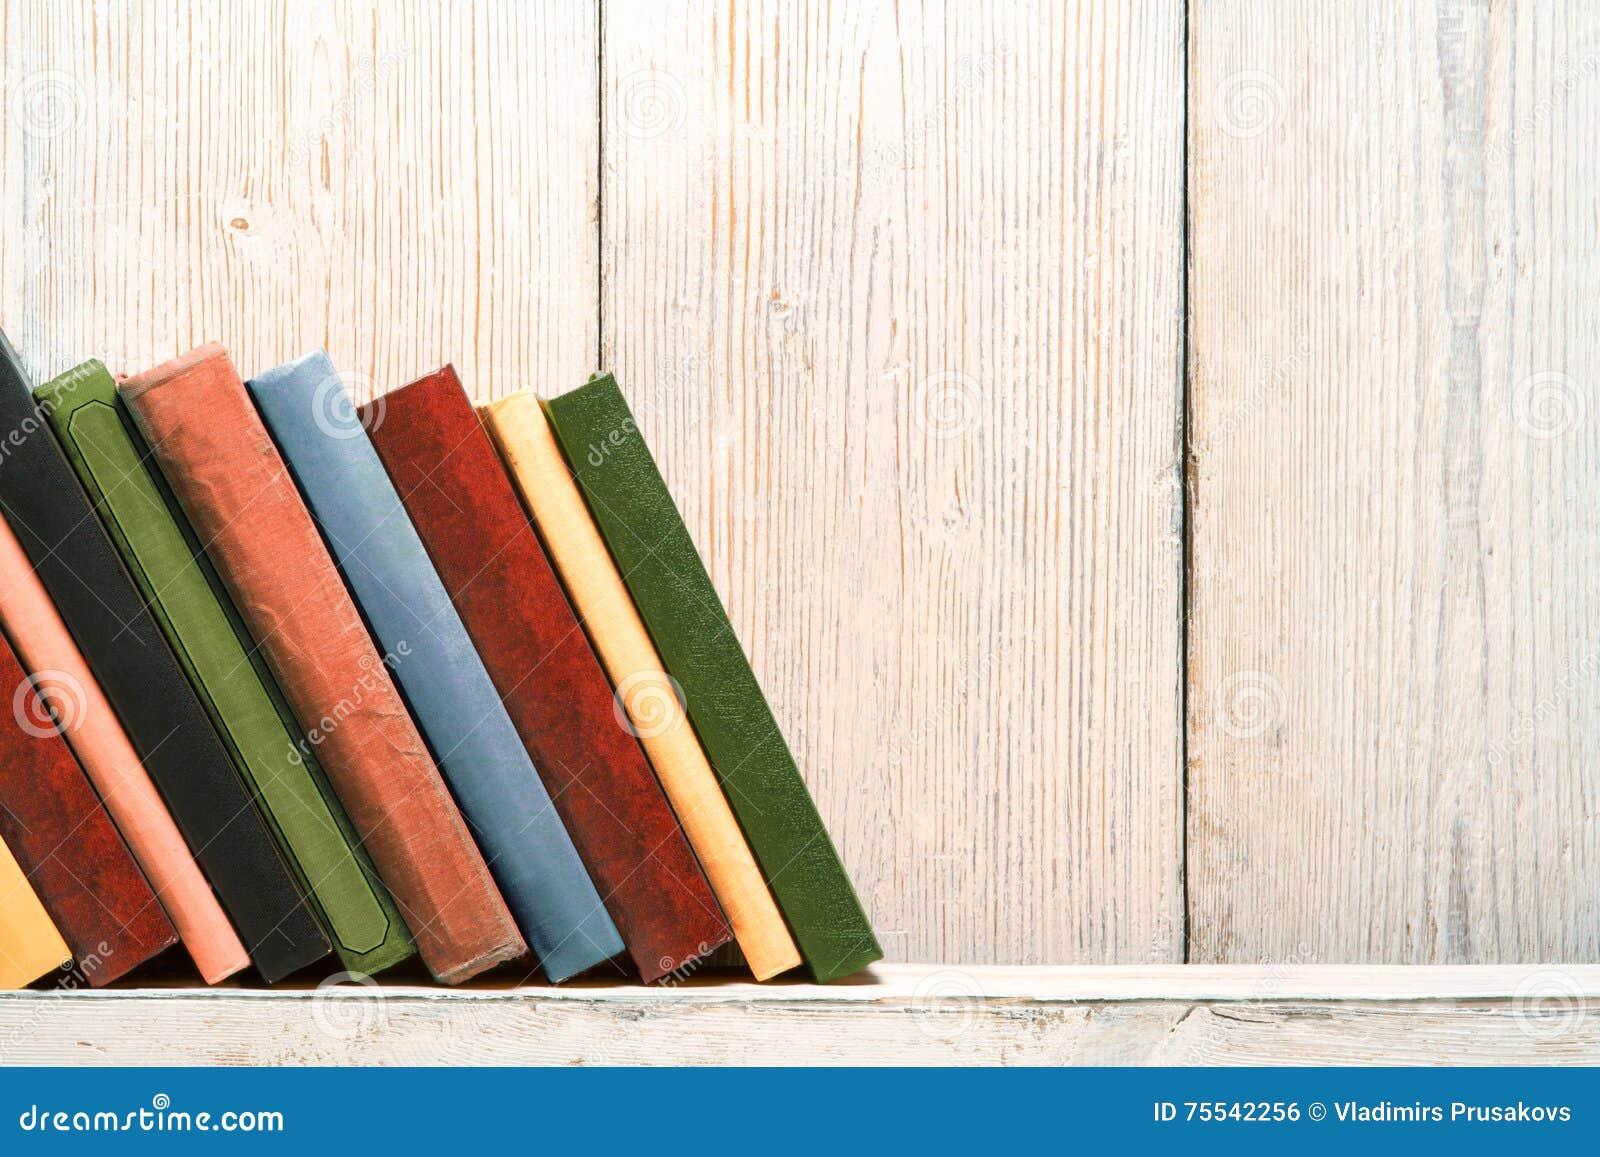 Estante de madera de los libros, viejas cubiertas de las espinas dorsales, pared de madera blanca